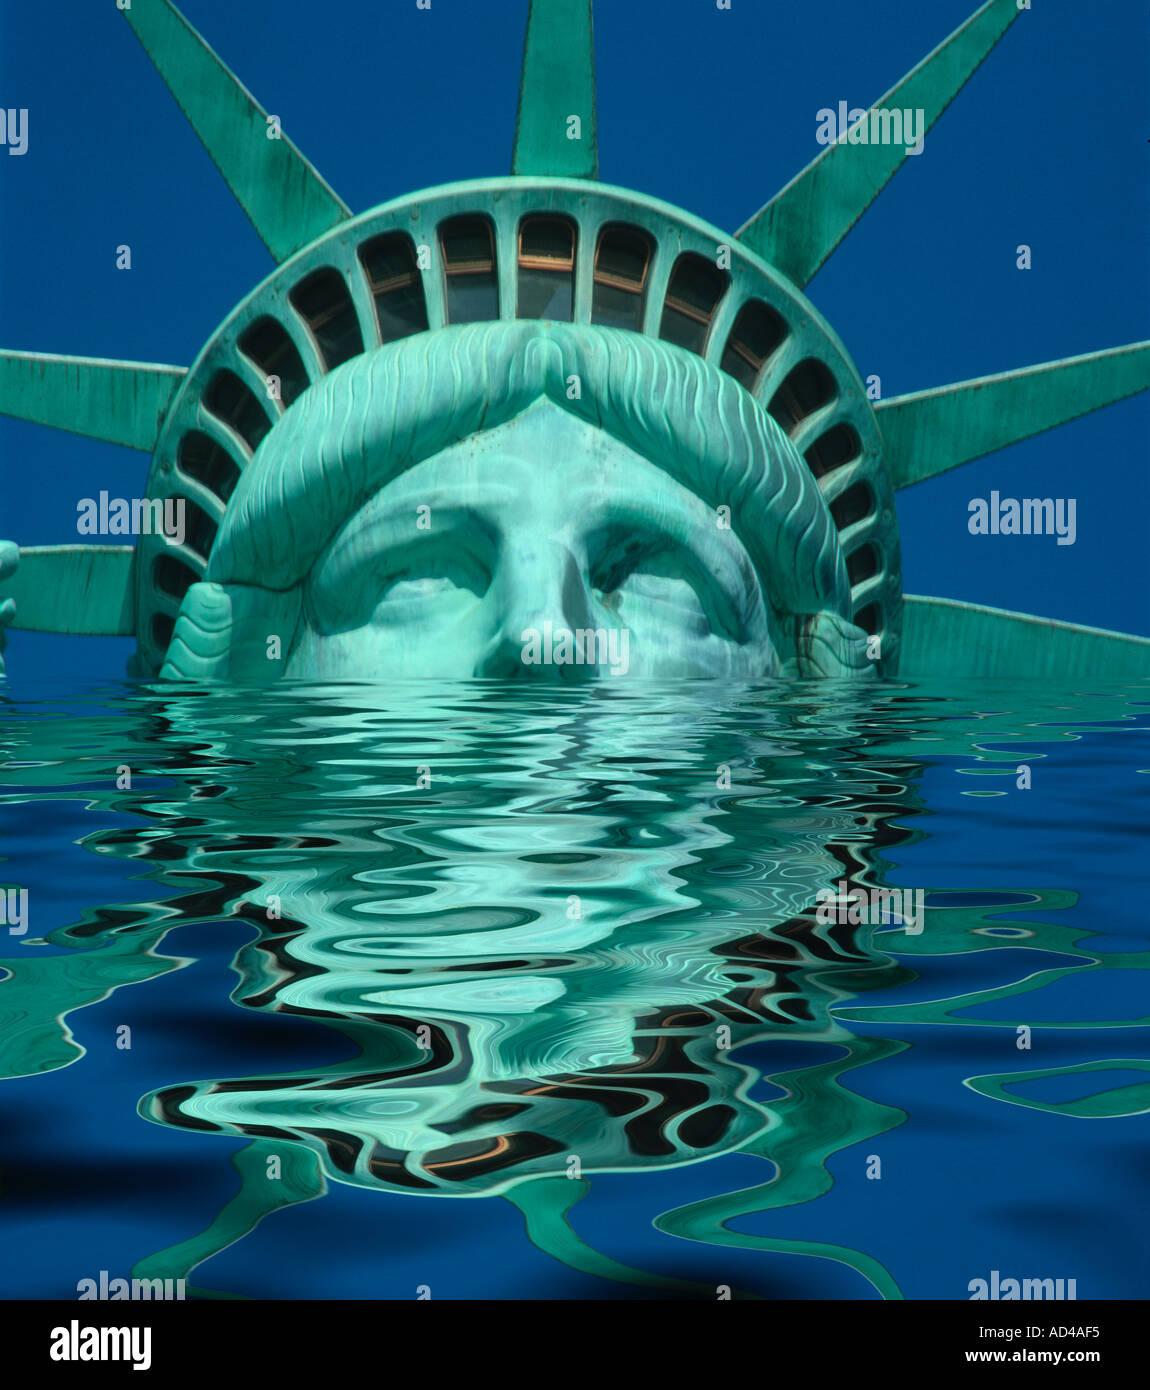 abstrakte Konzept Bild Freiheitsstatue USA überschwemmt Stockbild